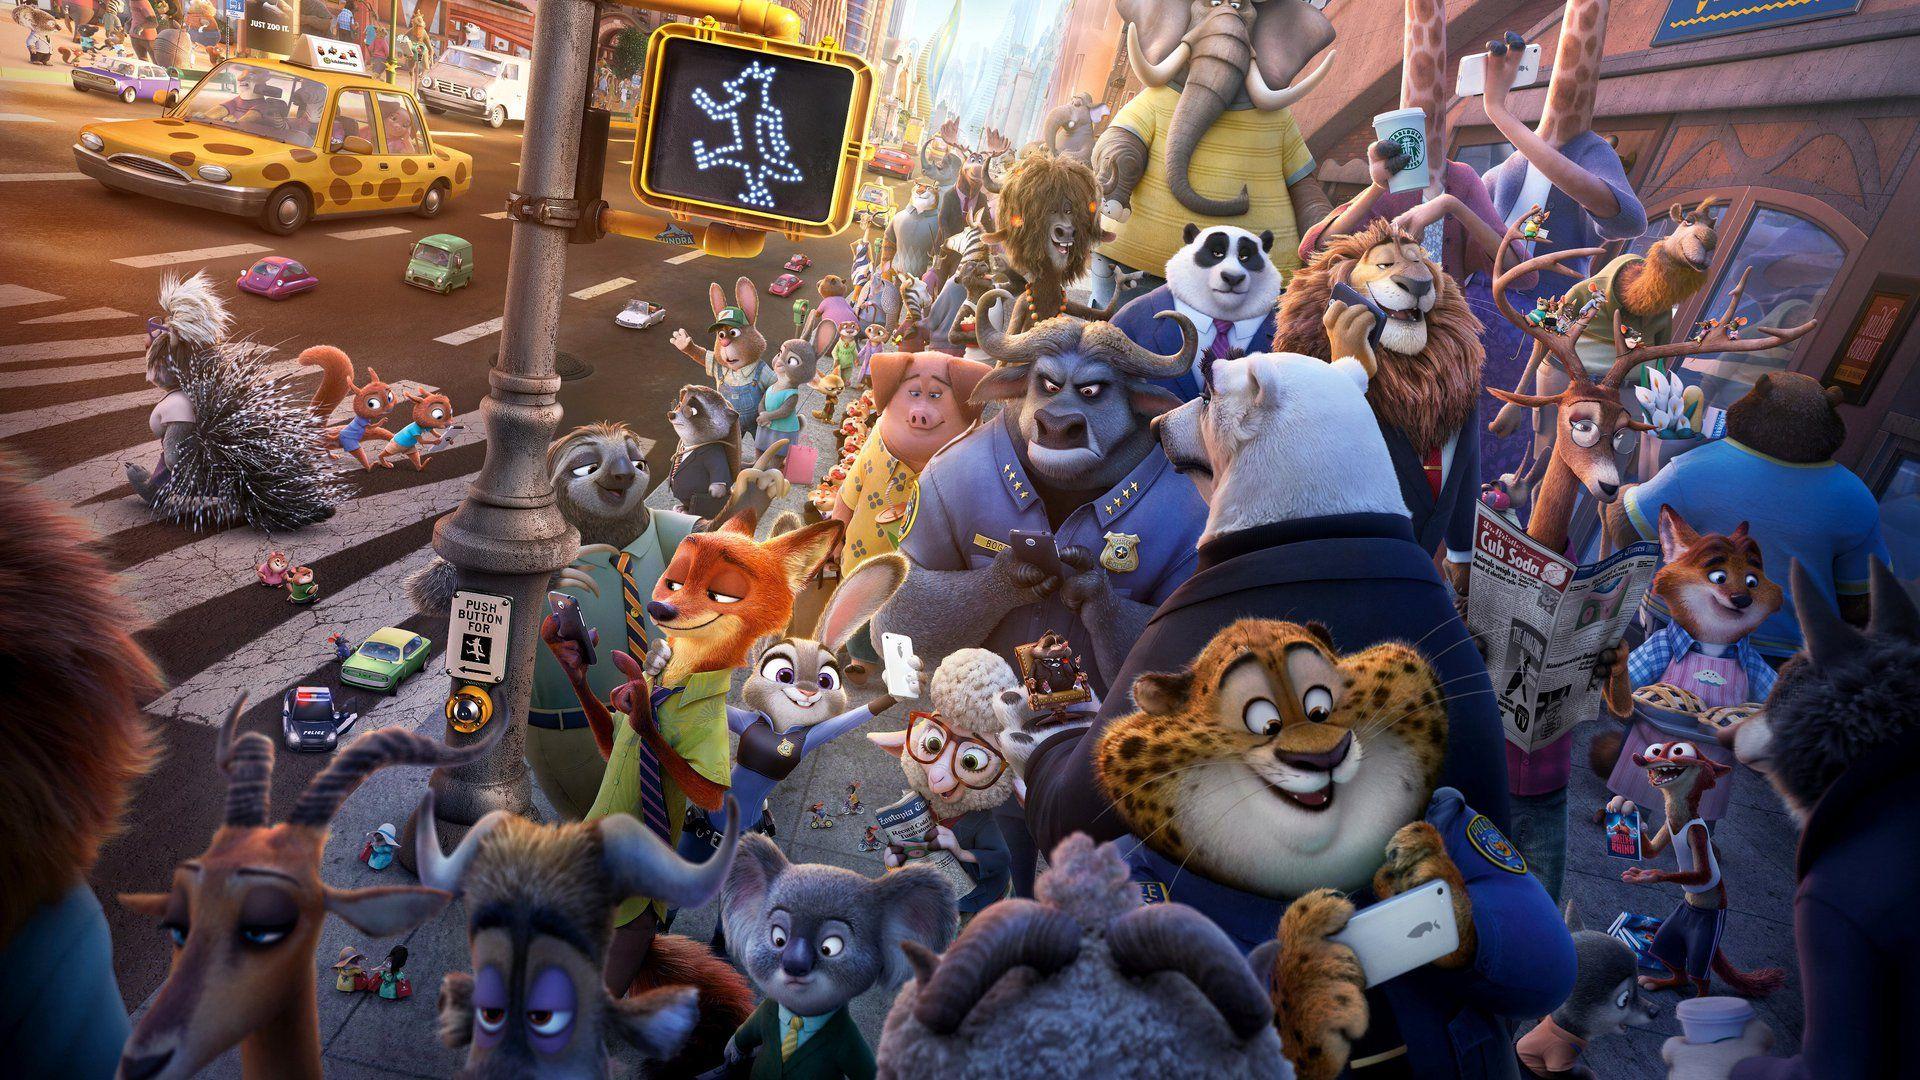 zootopia full movie watch zootopia 2016 full movie online zootopia